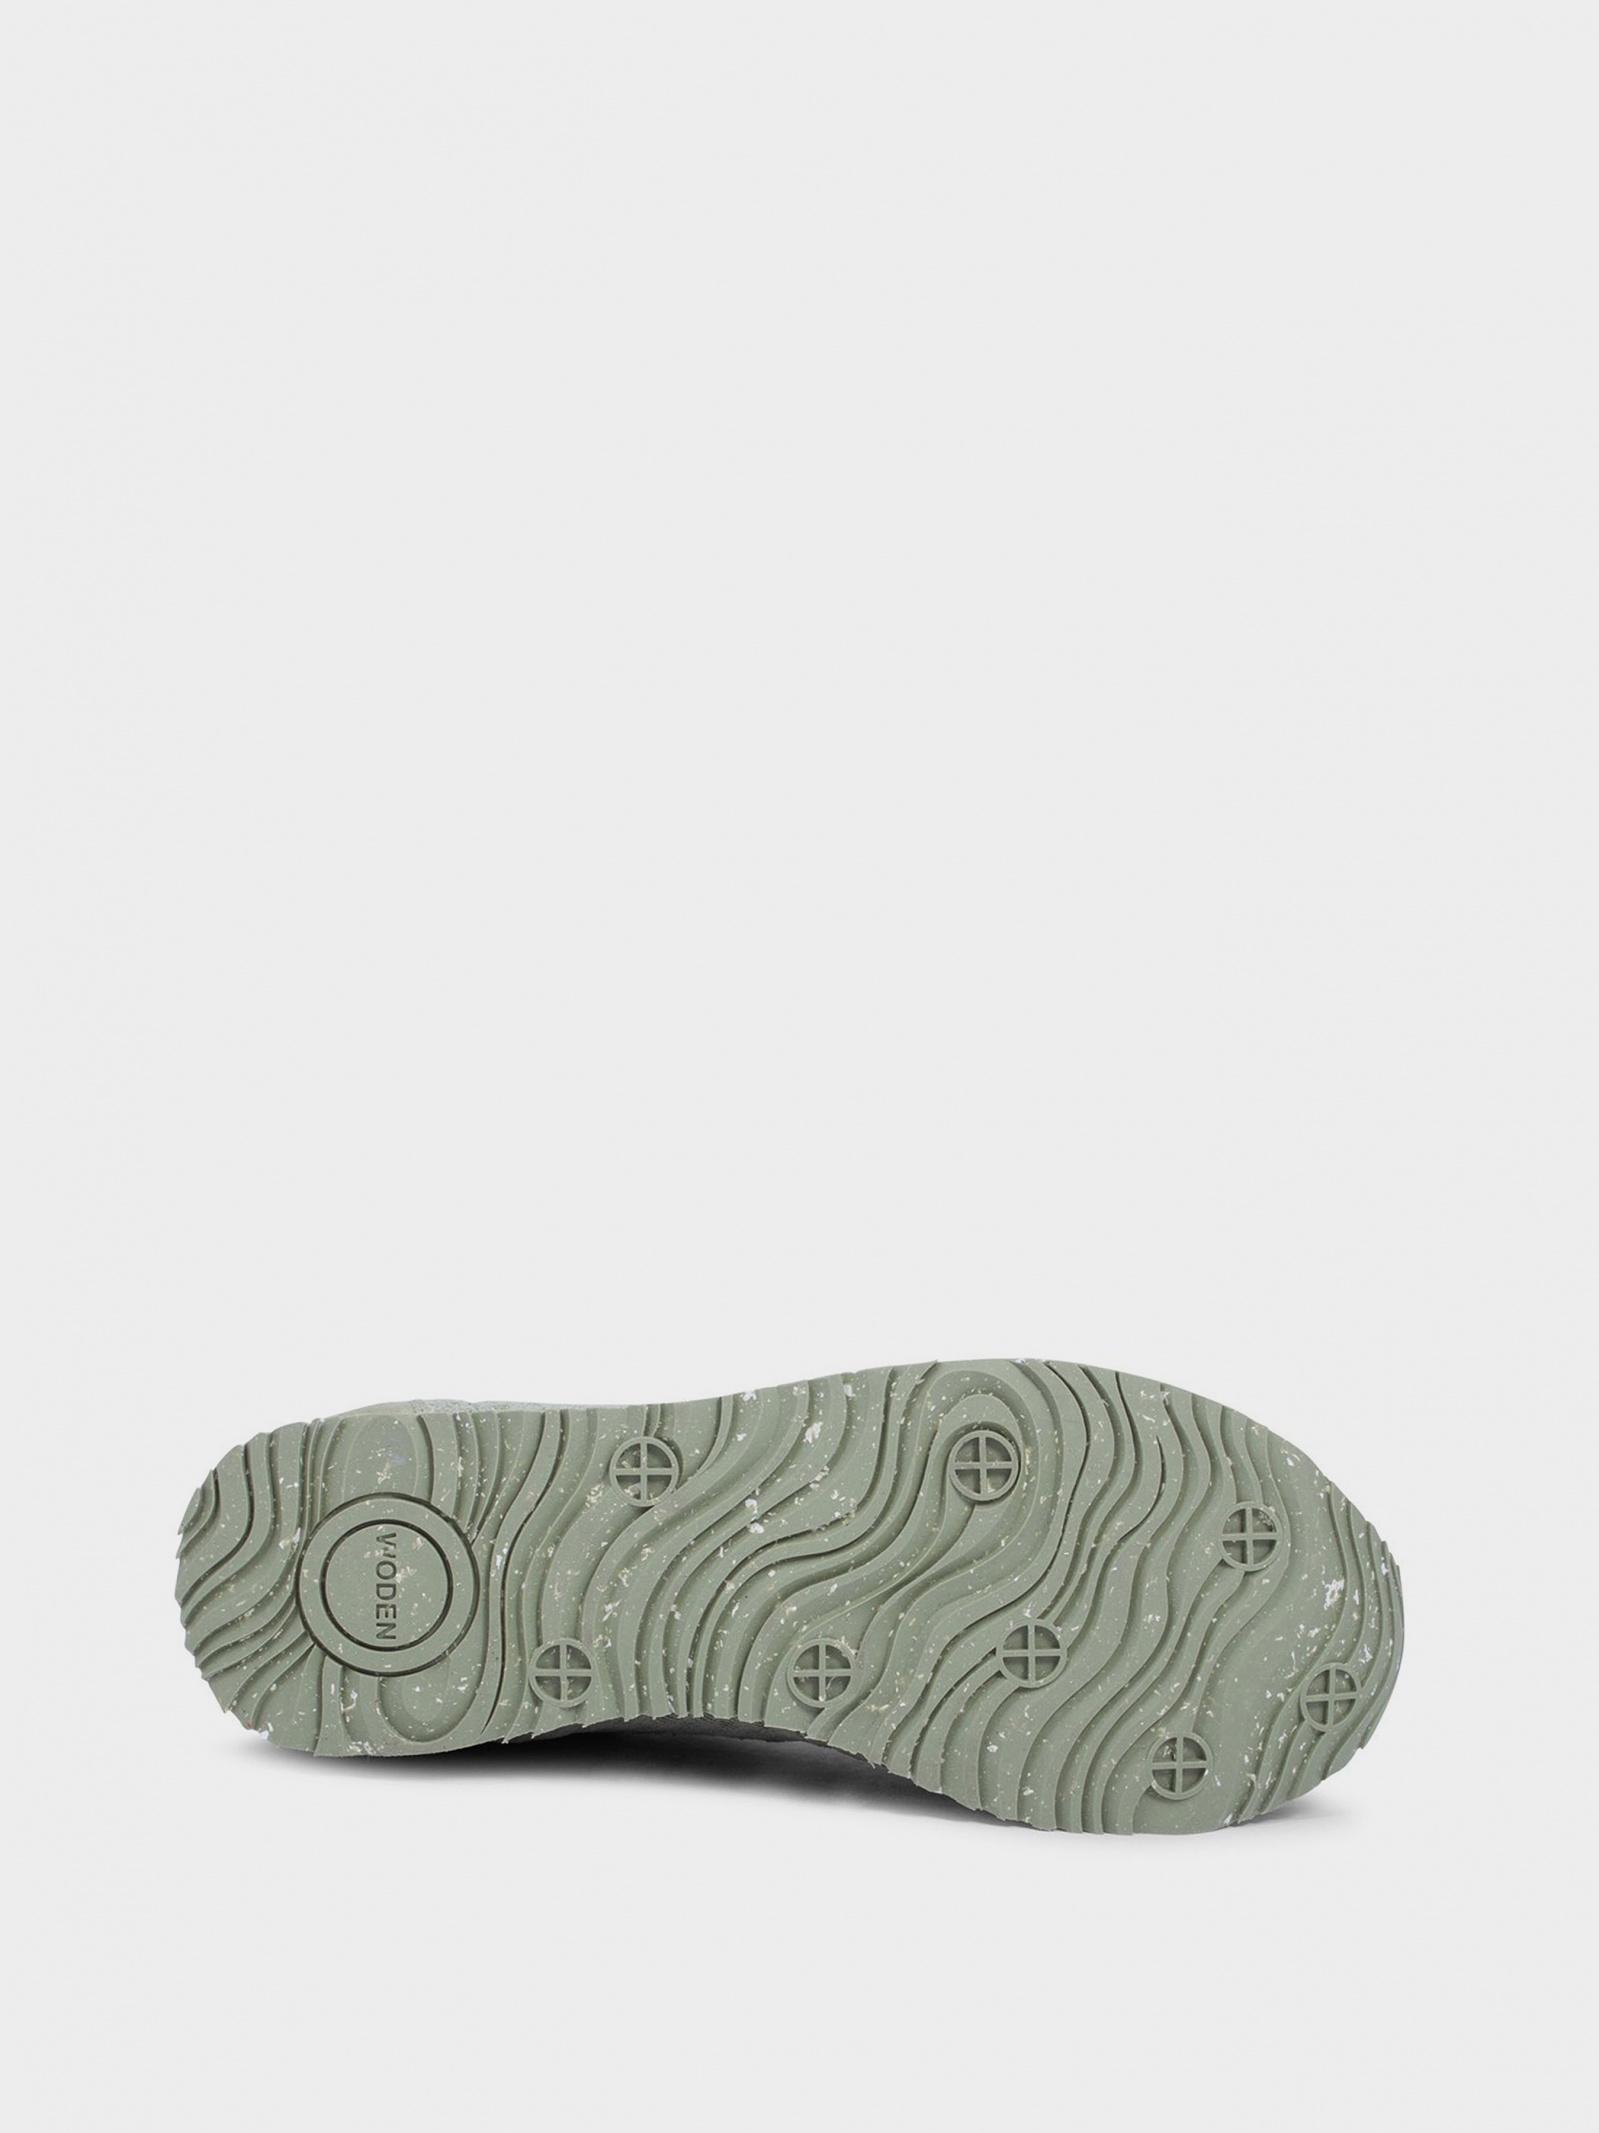 Кросівки  жіночі Woden Ydun Suede Mesh WL028 306 продаж, 2017